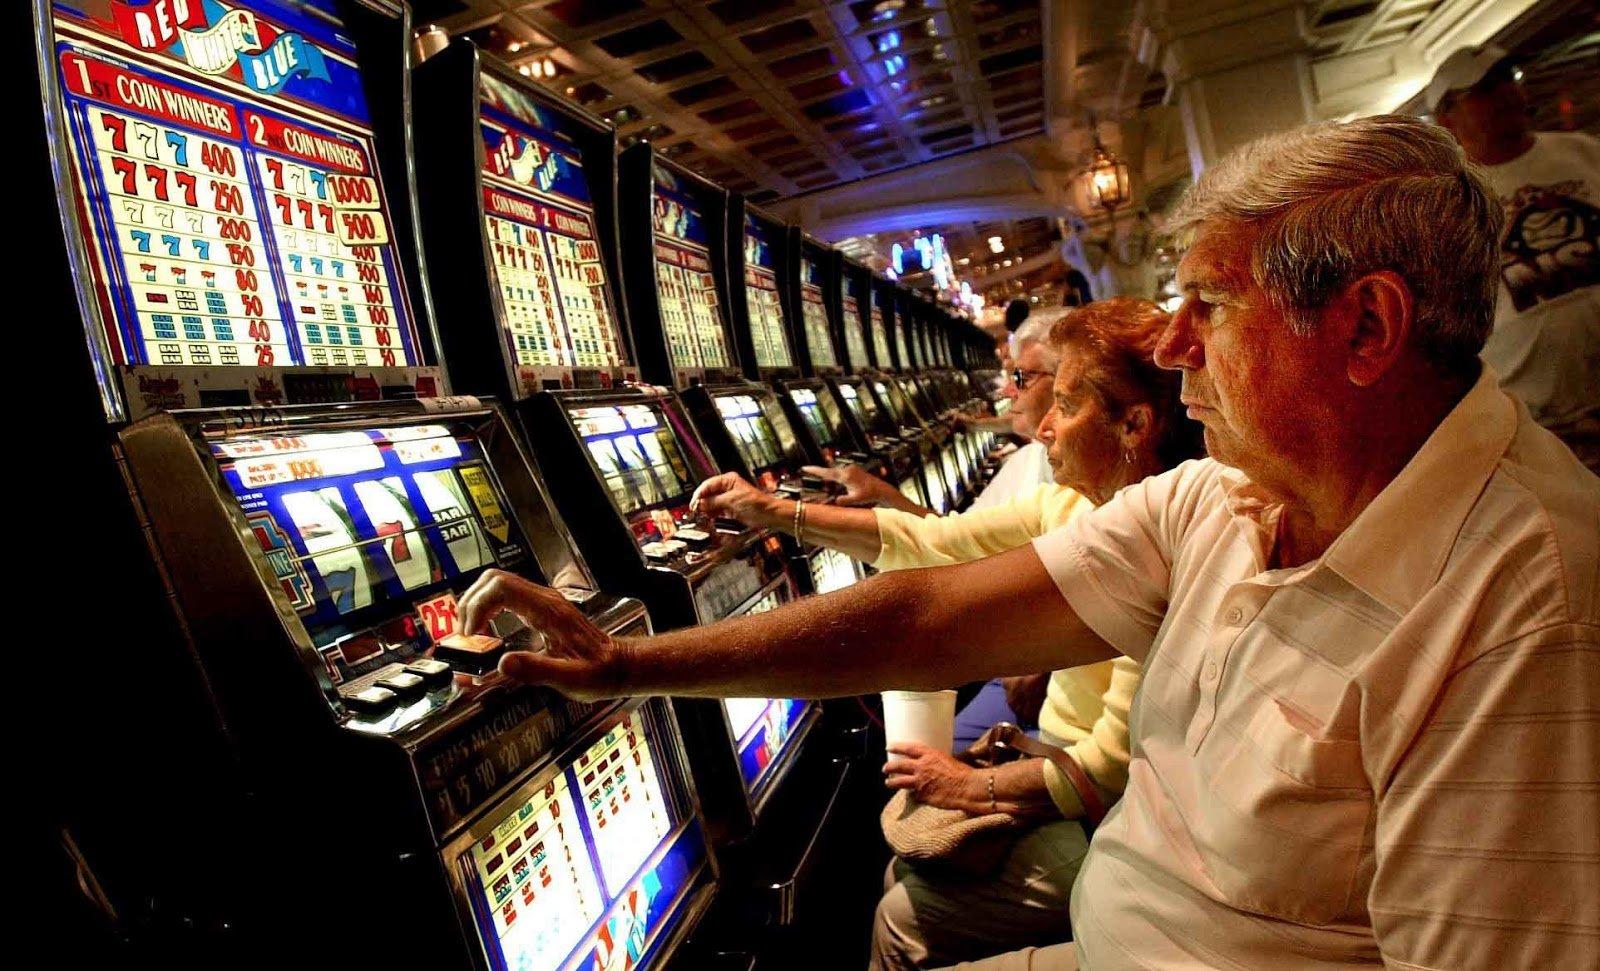 Gioco d'azzardo: la situazione senese tra spesa, lavoro e interventi di lotta al Gap